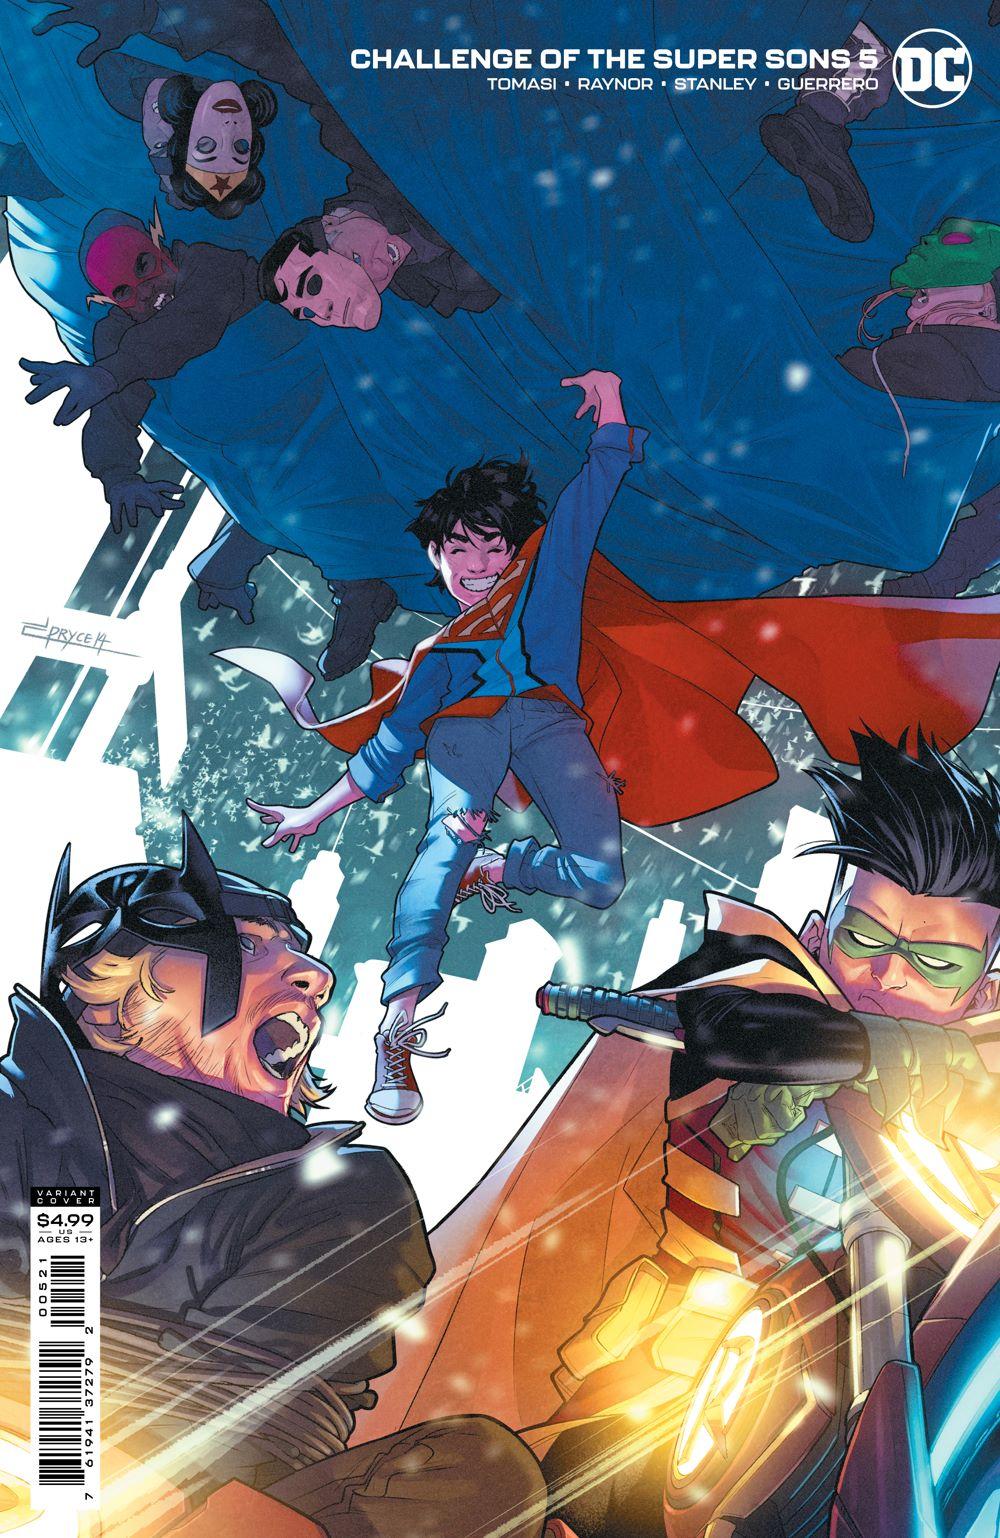 COTSuperSons_Cv5_var_00521 DC Comics August 2021 Solicitations